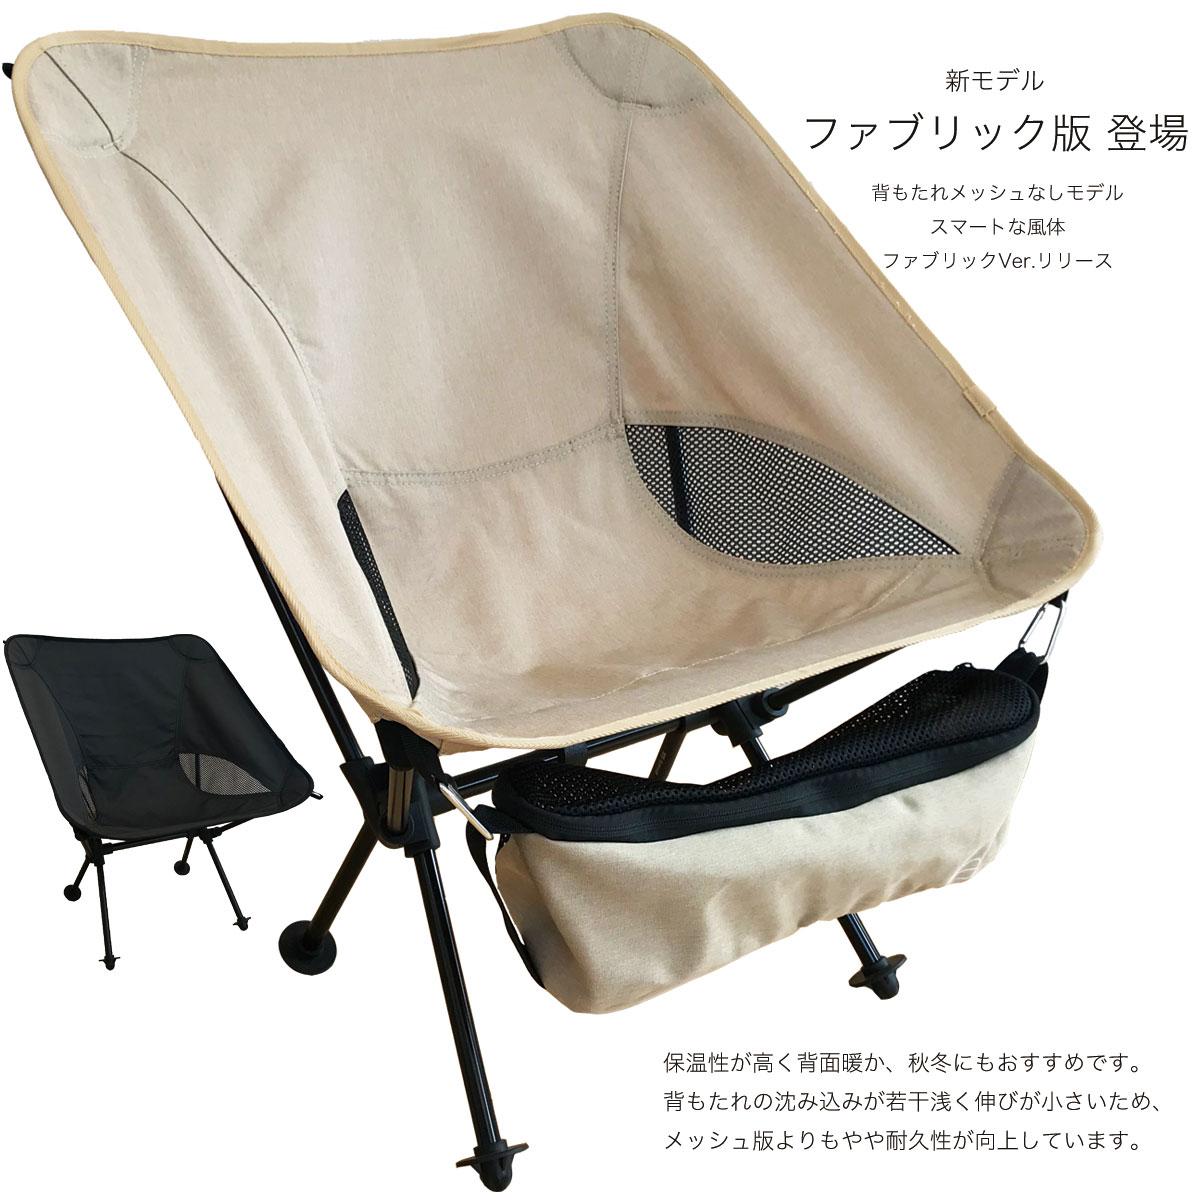 椅子 キャンプ 【CAMP HACK】日本最大級のキャンプ・アウトドア・ニュースマガジン